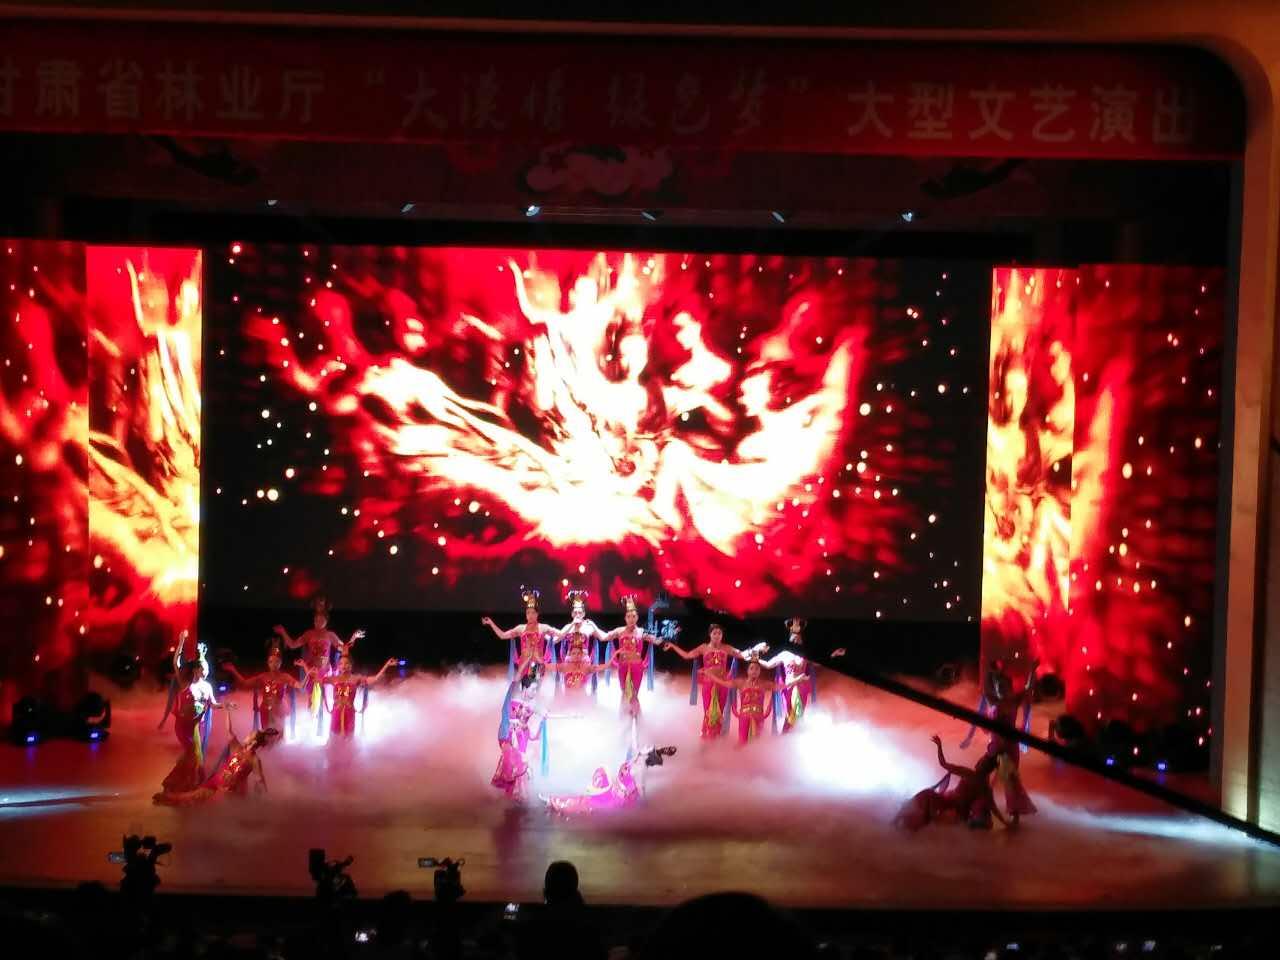 兰州LED显示屏租赁_兰州知名的设备租赁服务公司_欣宇文化